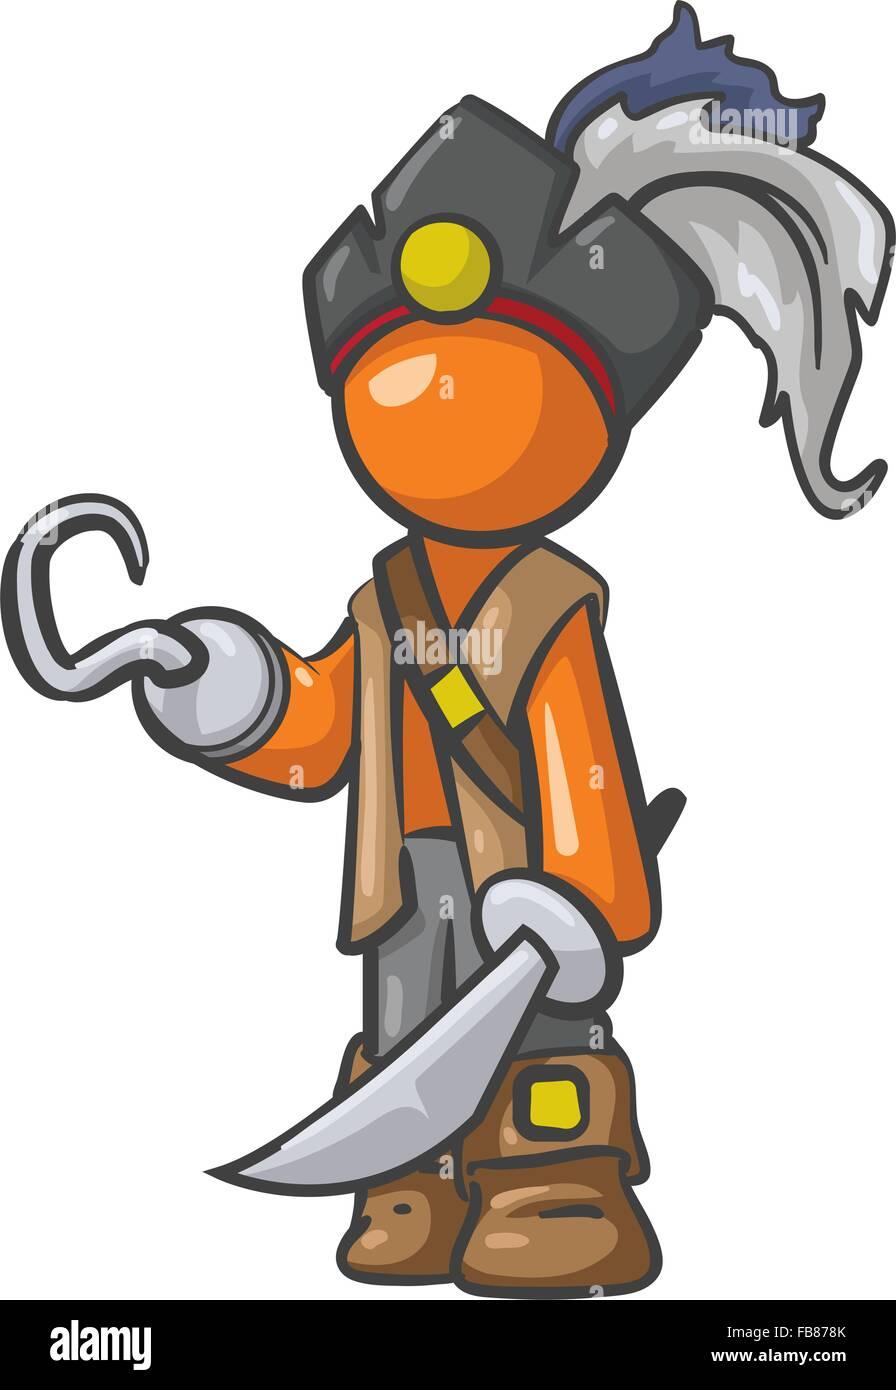 Teleskop-clipart - Der Mann mit dem Schwert png herunterladen - 4004*4254 -  Kostenlos transparent png Herunterladen.